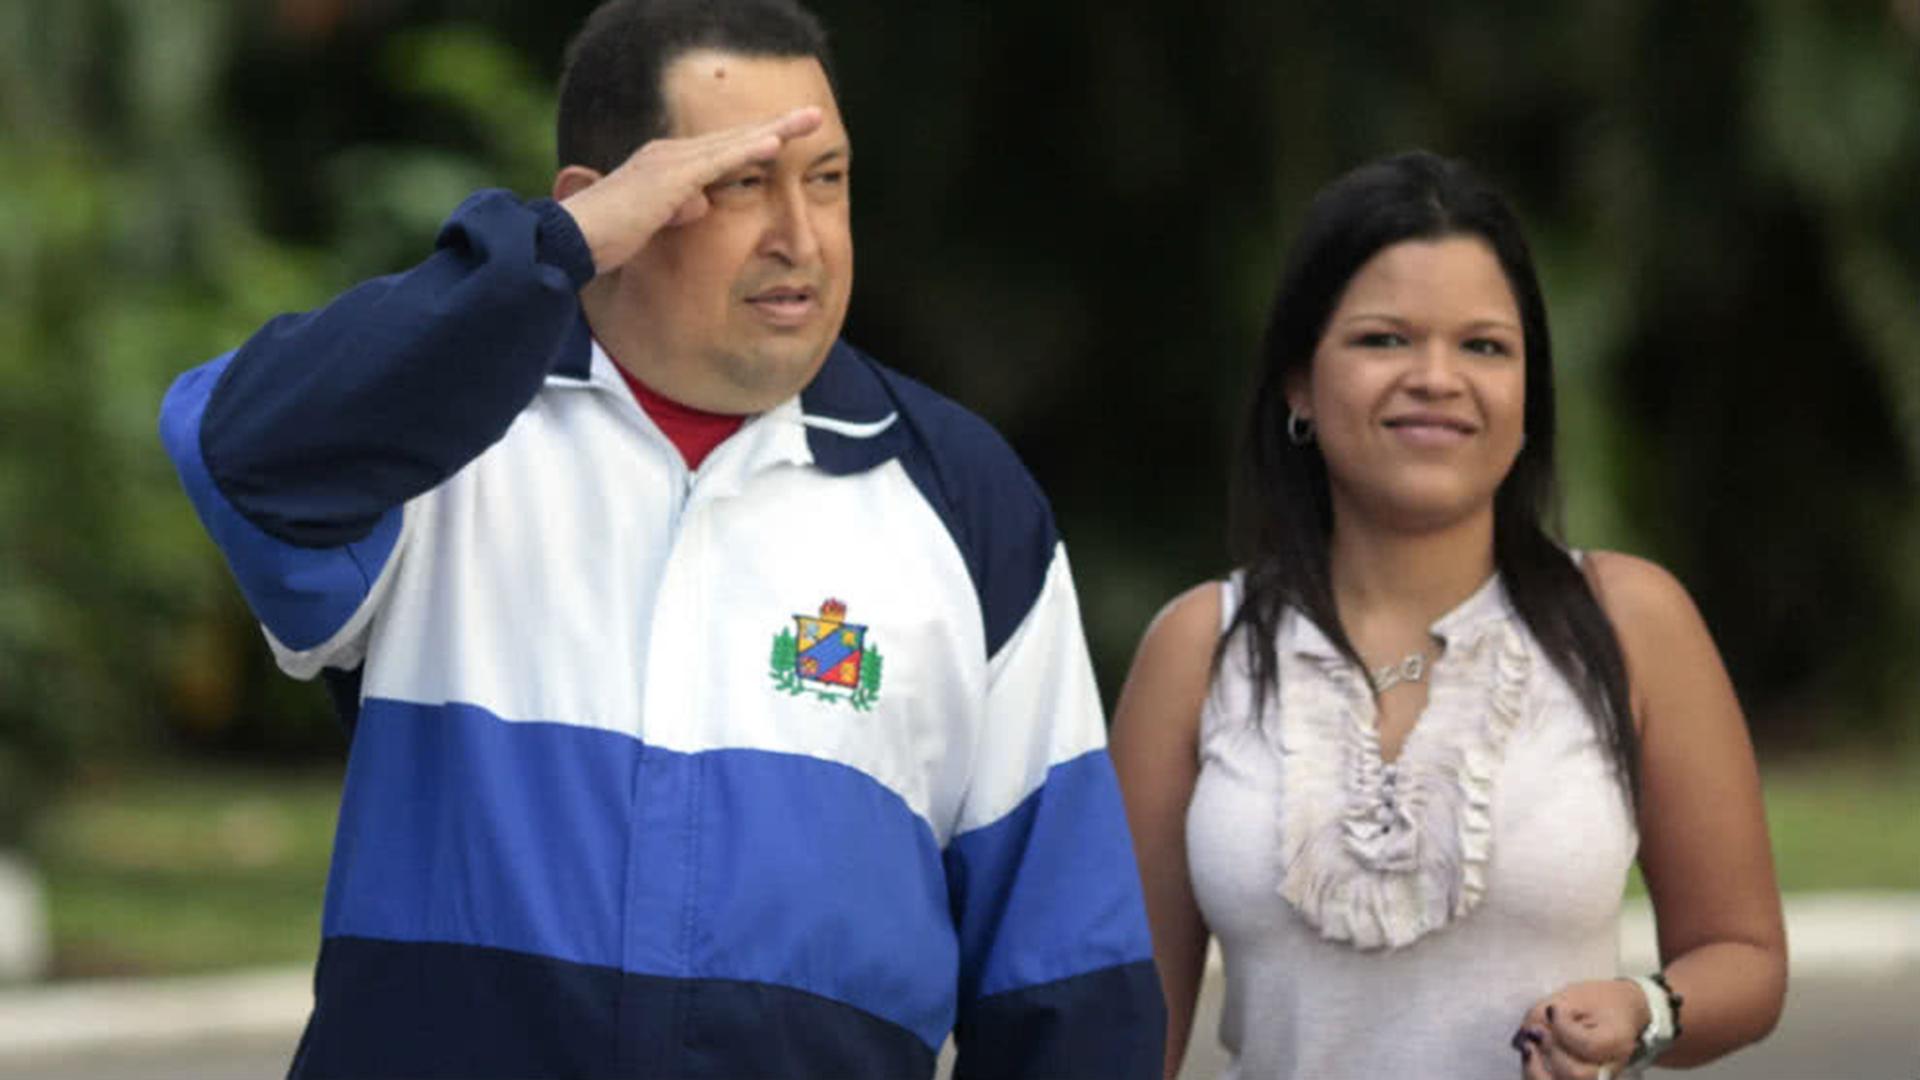 María Grabriela es la mayor de las hijas de Chávez